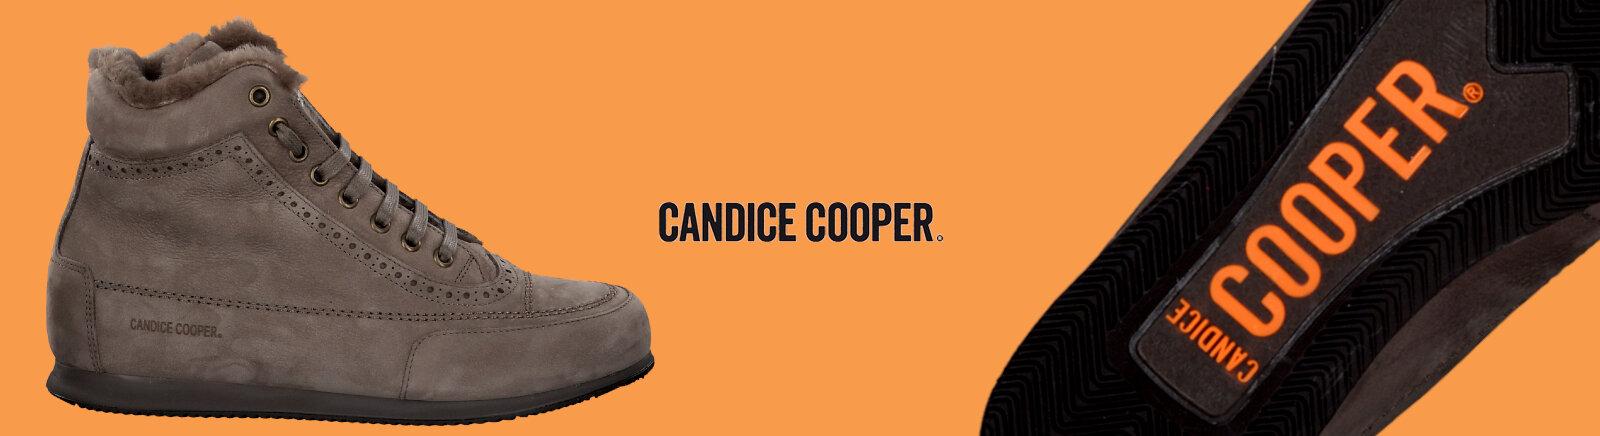 Gisy: Candice Cooper Schnürboots für Damen online shoppen